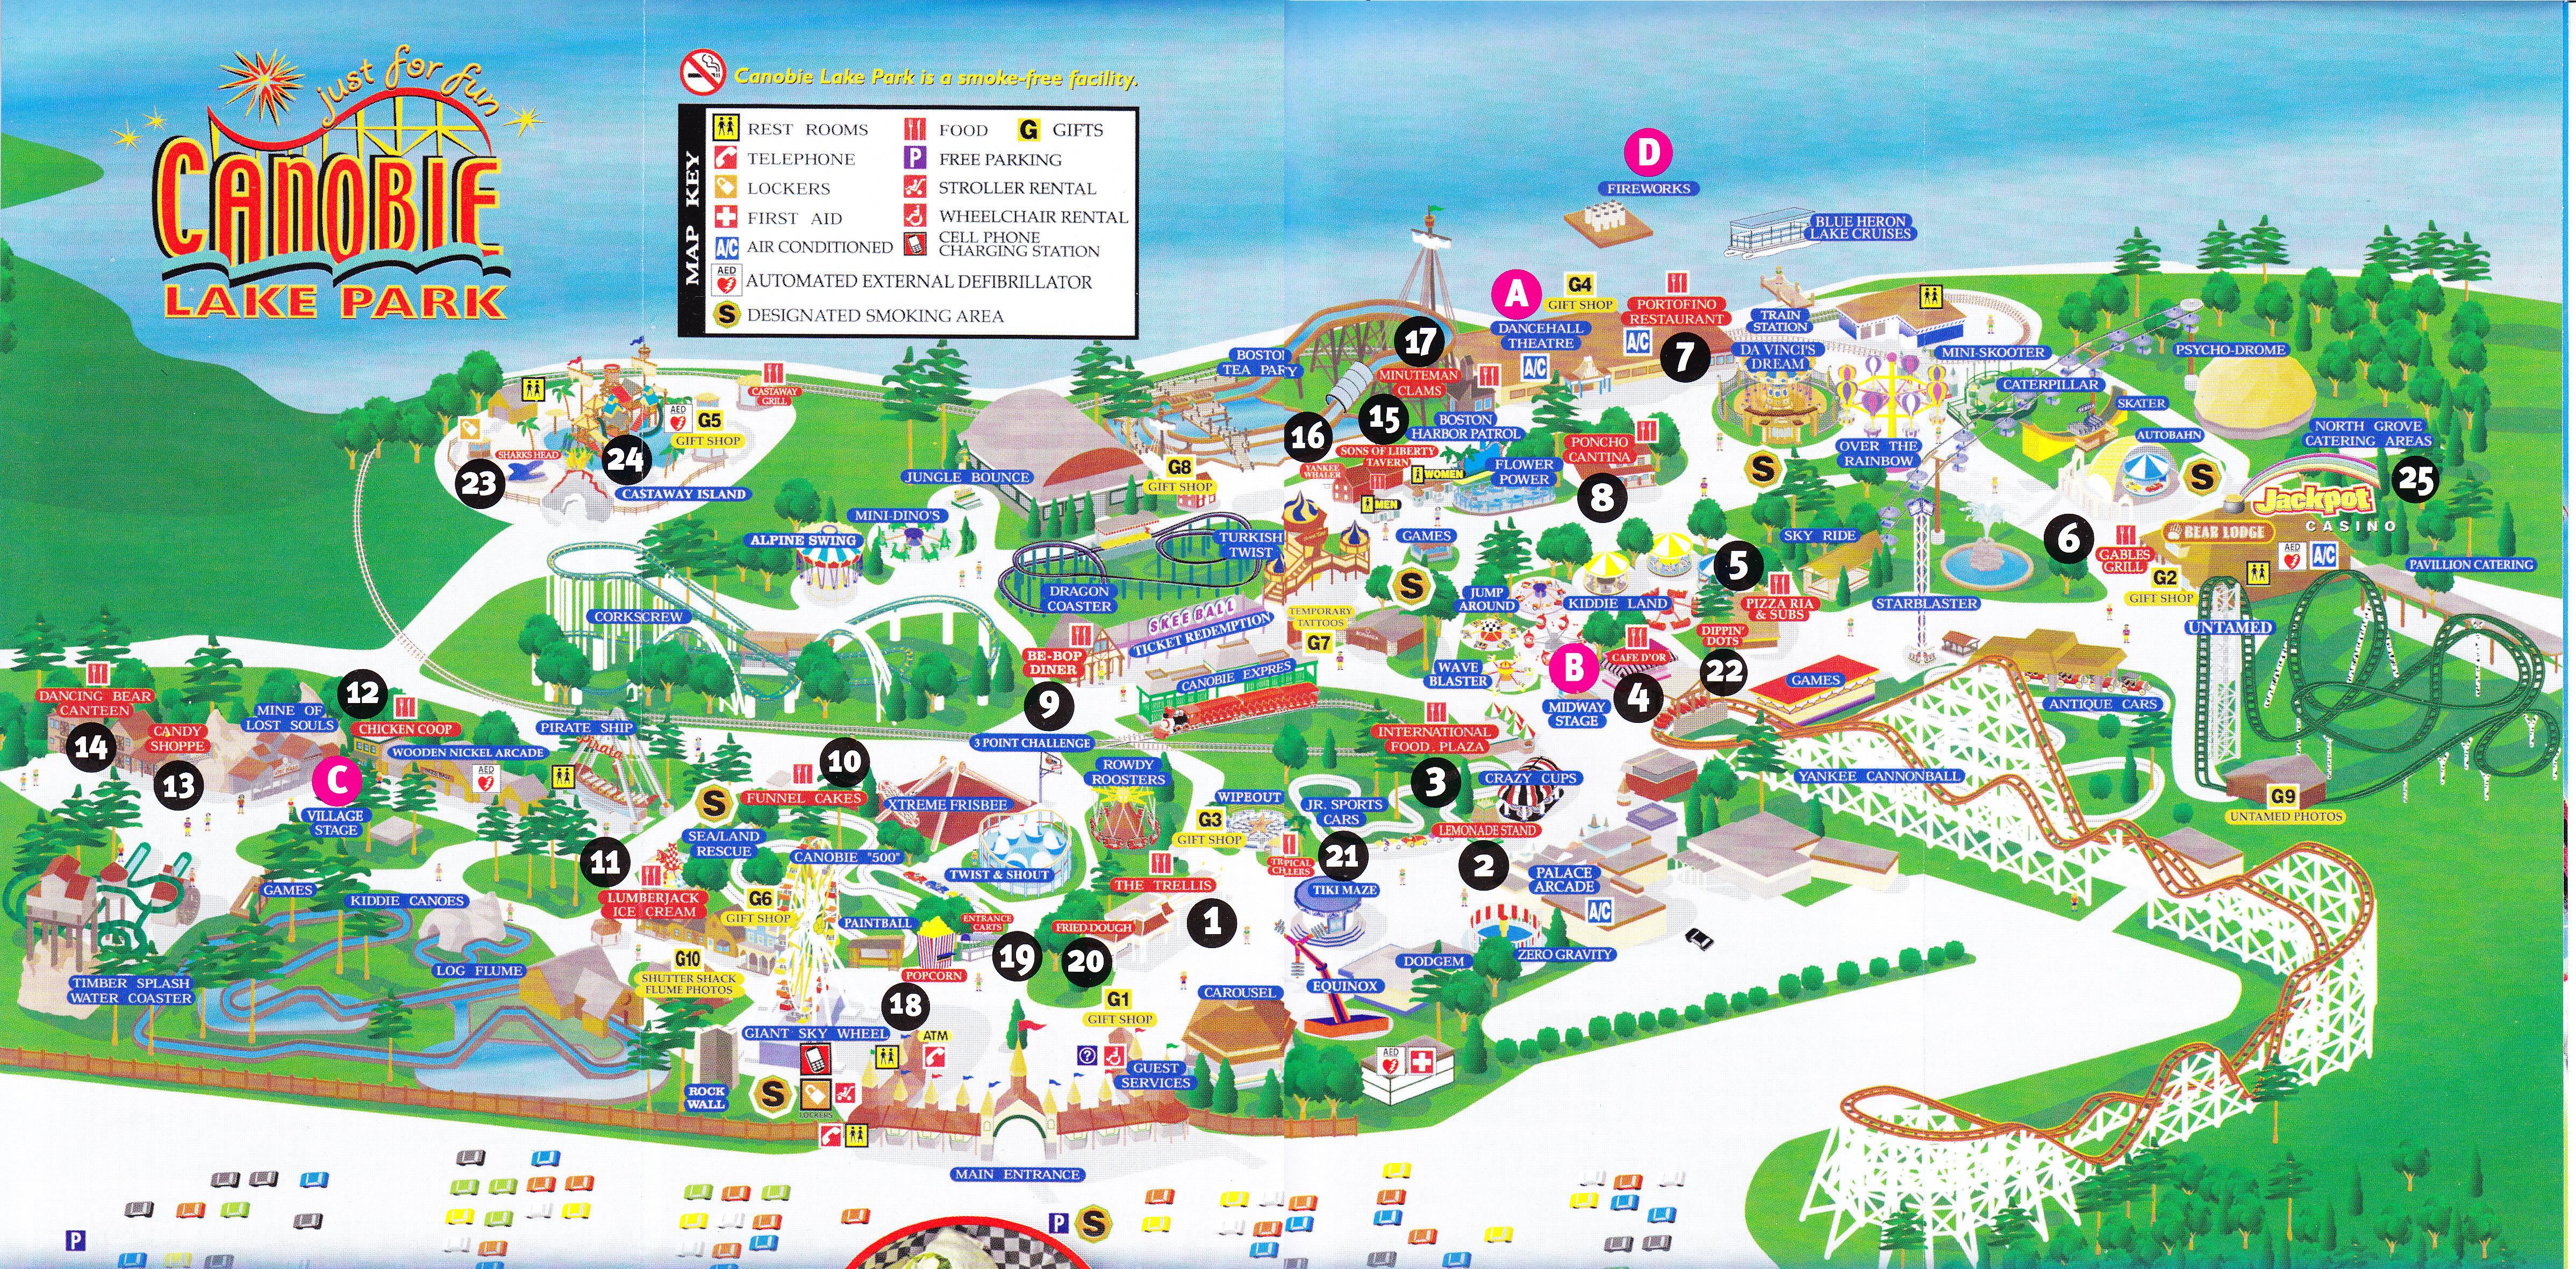 sc 1 st  Theme Park Review & Canobie Lake Park - 2013 Park Map